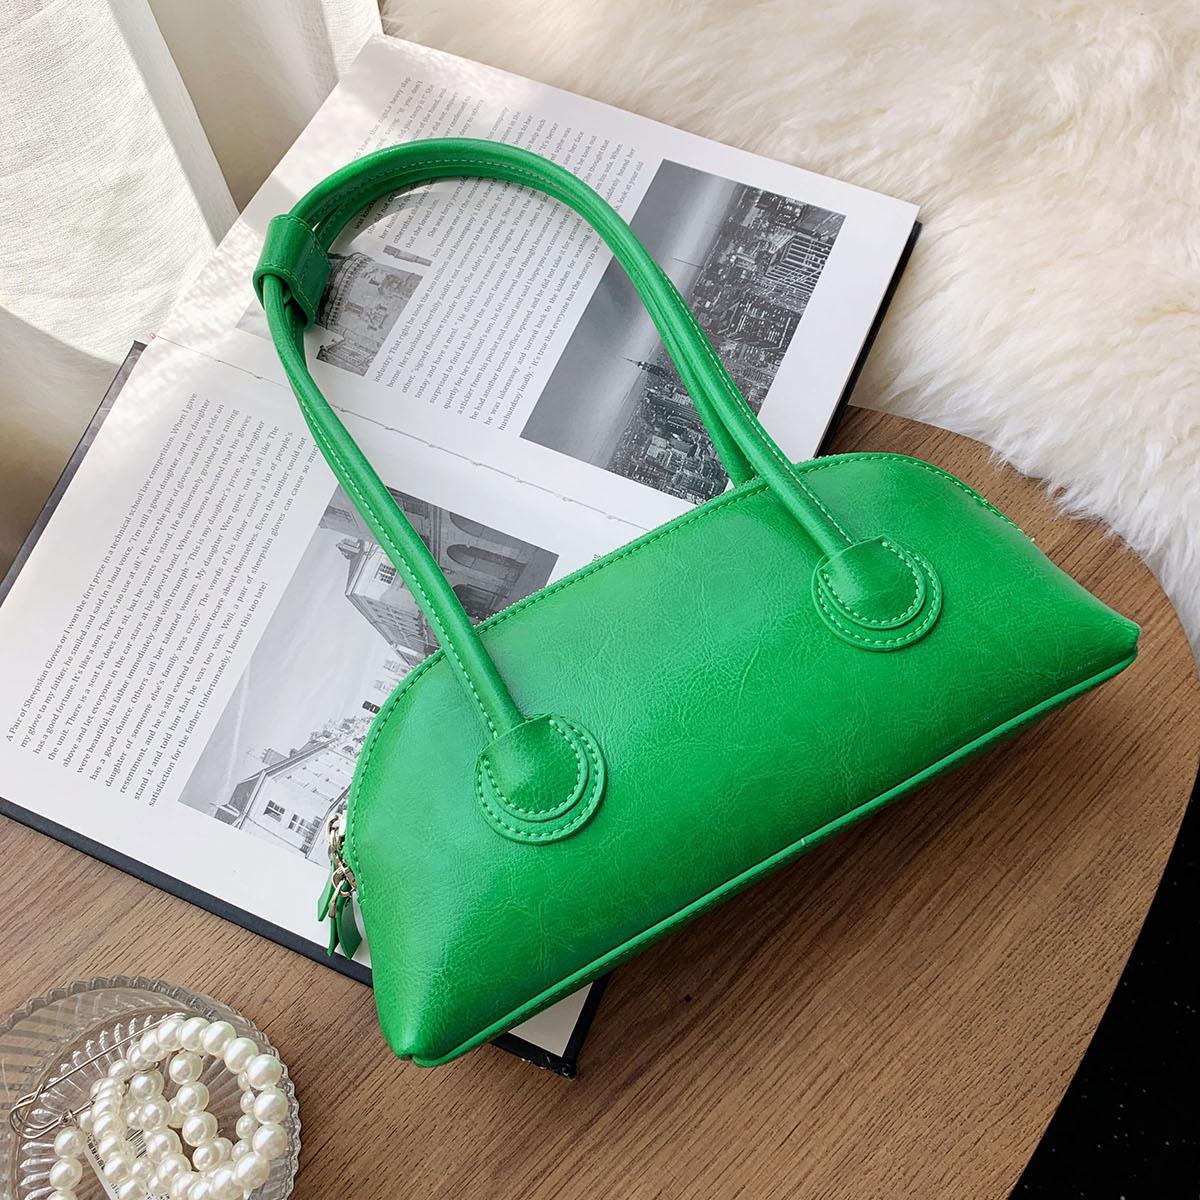 绿色贝壳包 腋下包女夏高级感洋气质感小众设计真牛皮单肩手提绿色包包贝壳包_推荐淘宝好看的绿色贝壳包